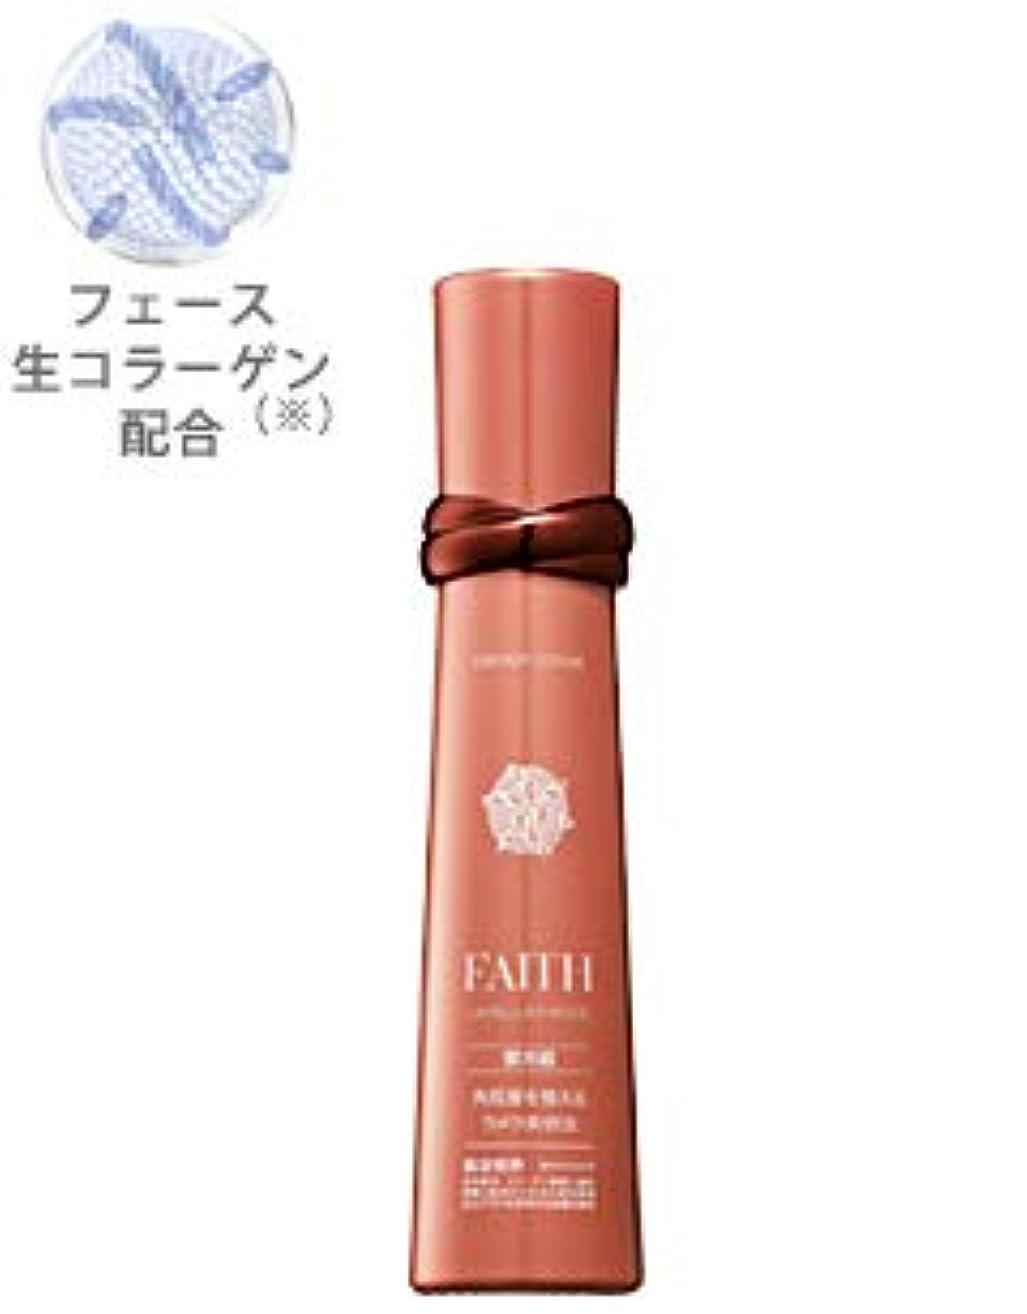 FAITH(フェース)(ラメラモード )エナジー ローション 120ml(クール便配送)